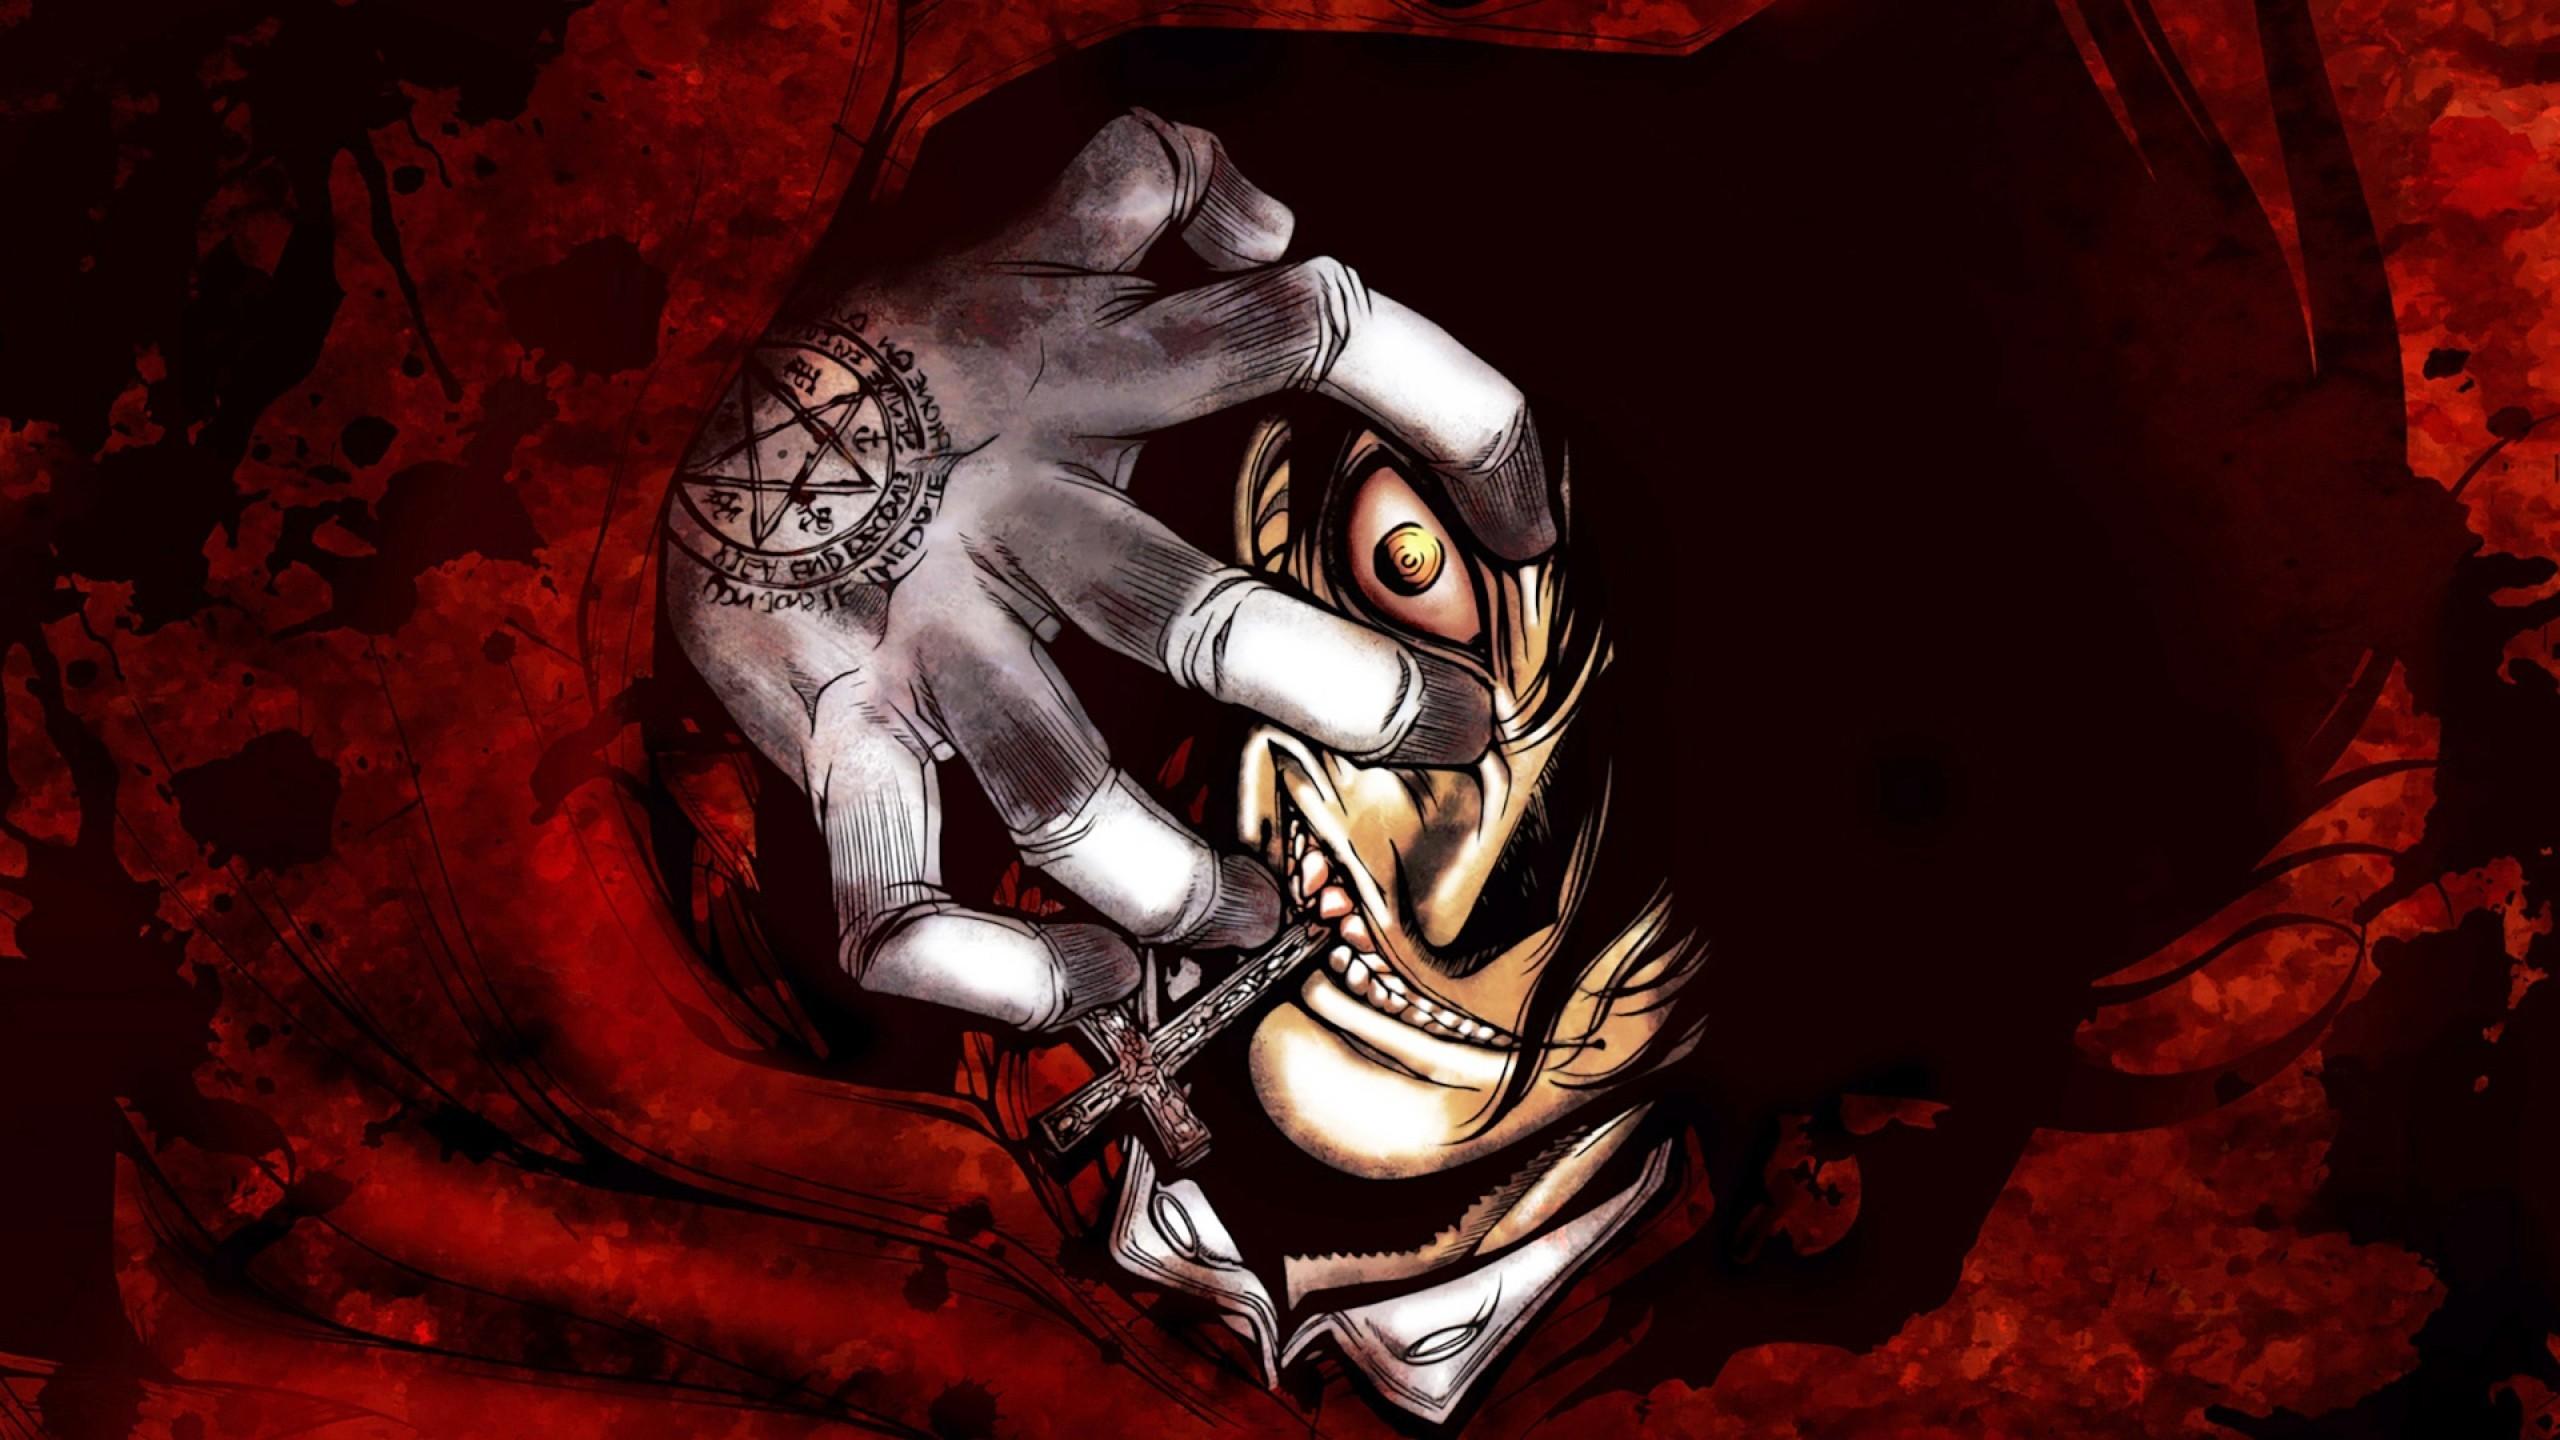 Res: 2560x1440, Hellsing, Alucard, Vampire, Creepy